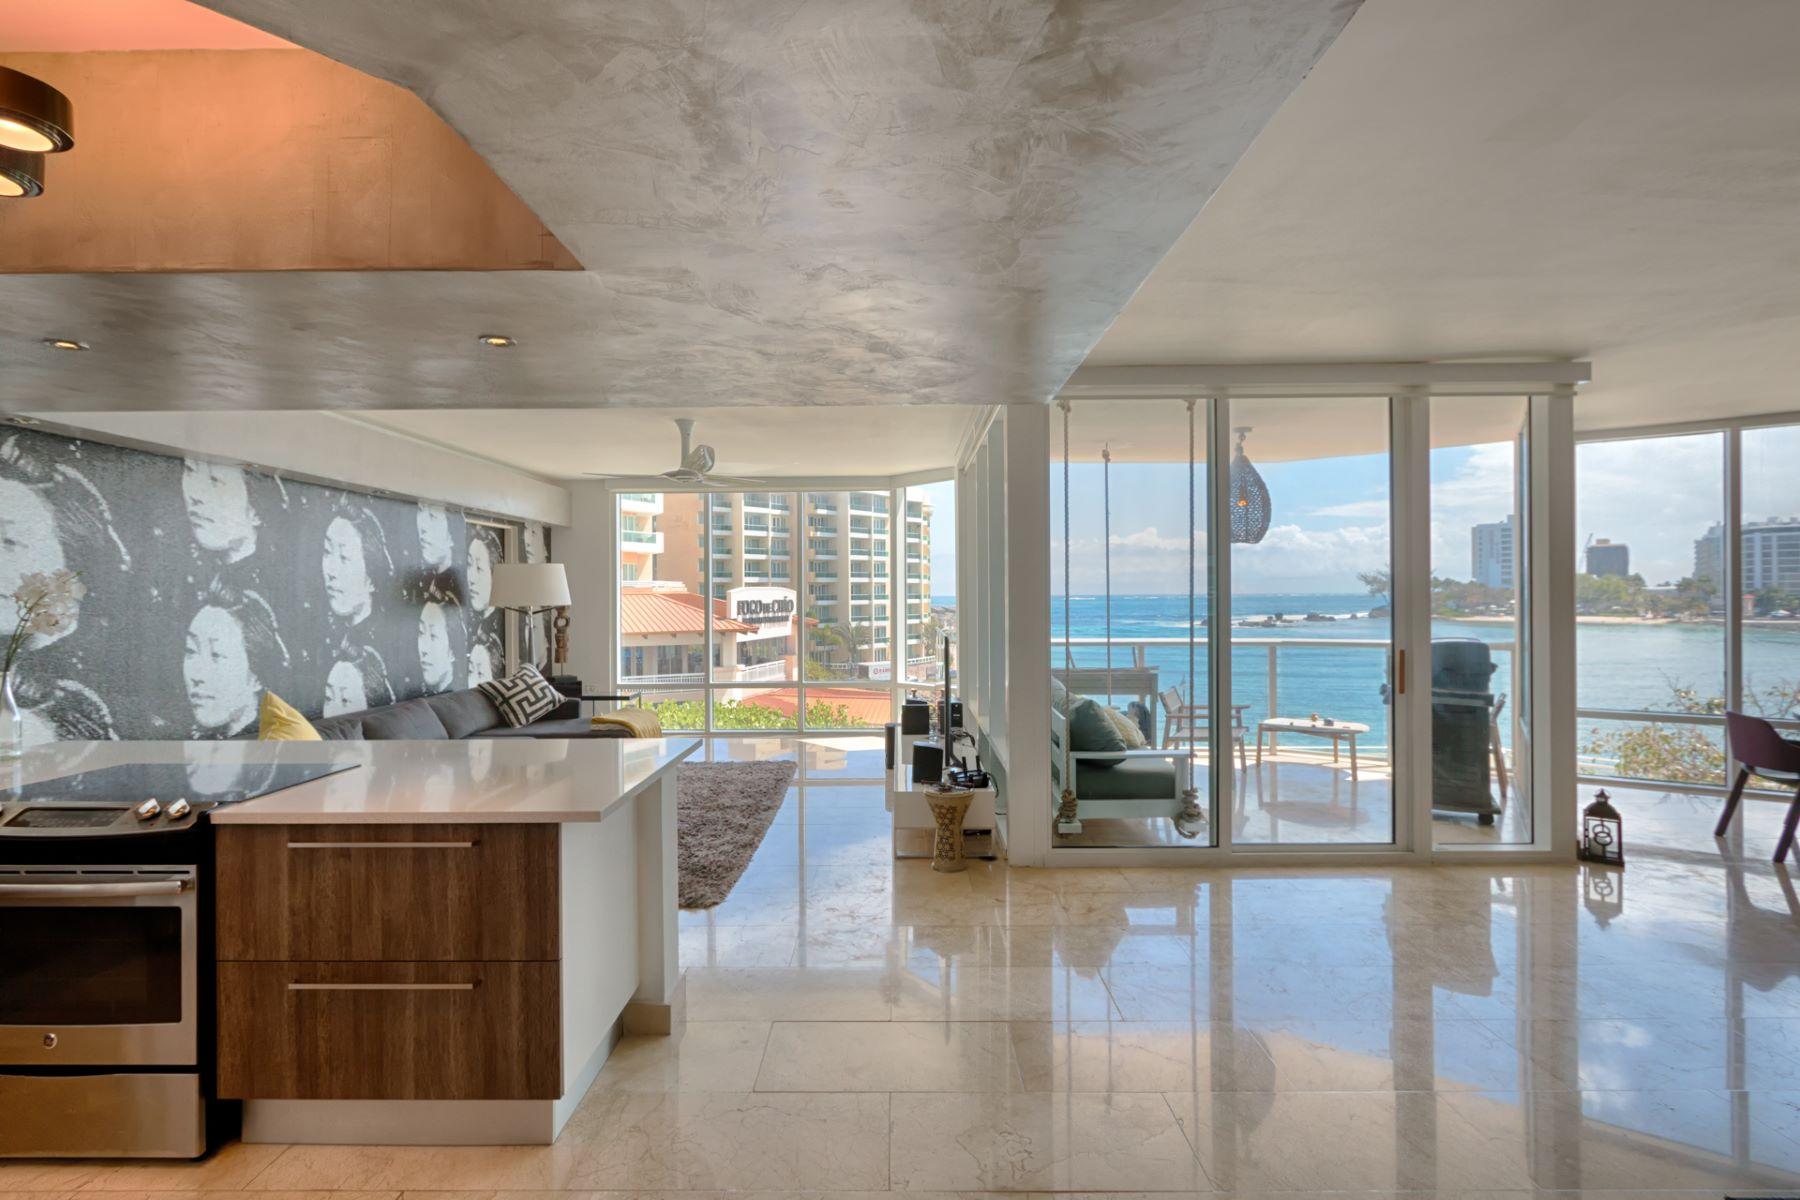 Appartement voor Verkoop op Laguna Plaza Waterfront 5 Muñoz Rivera Avenue, Apt 303 Laguna Plaza San Juan, 00902 Puerto Rico